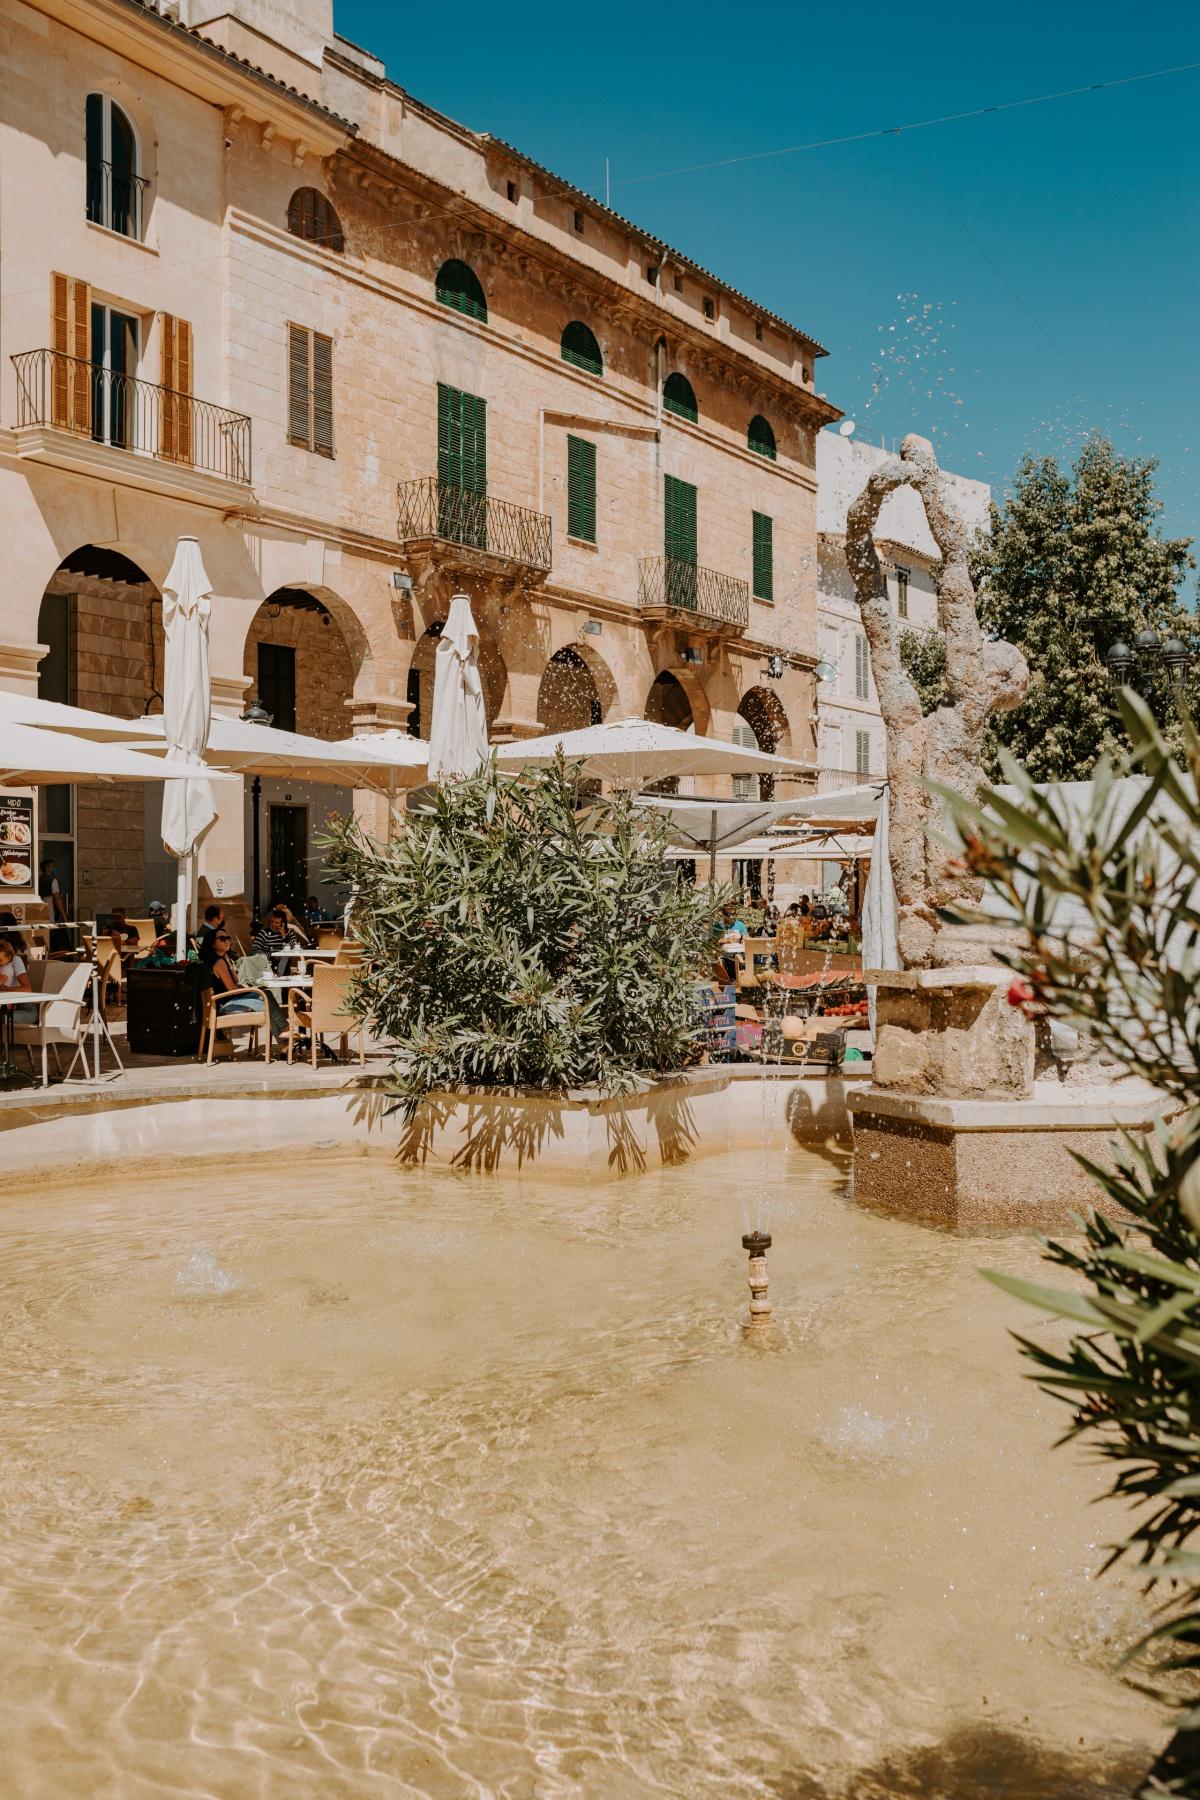 Fountain in the market square in Inca Market Mallorca Spain